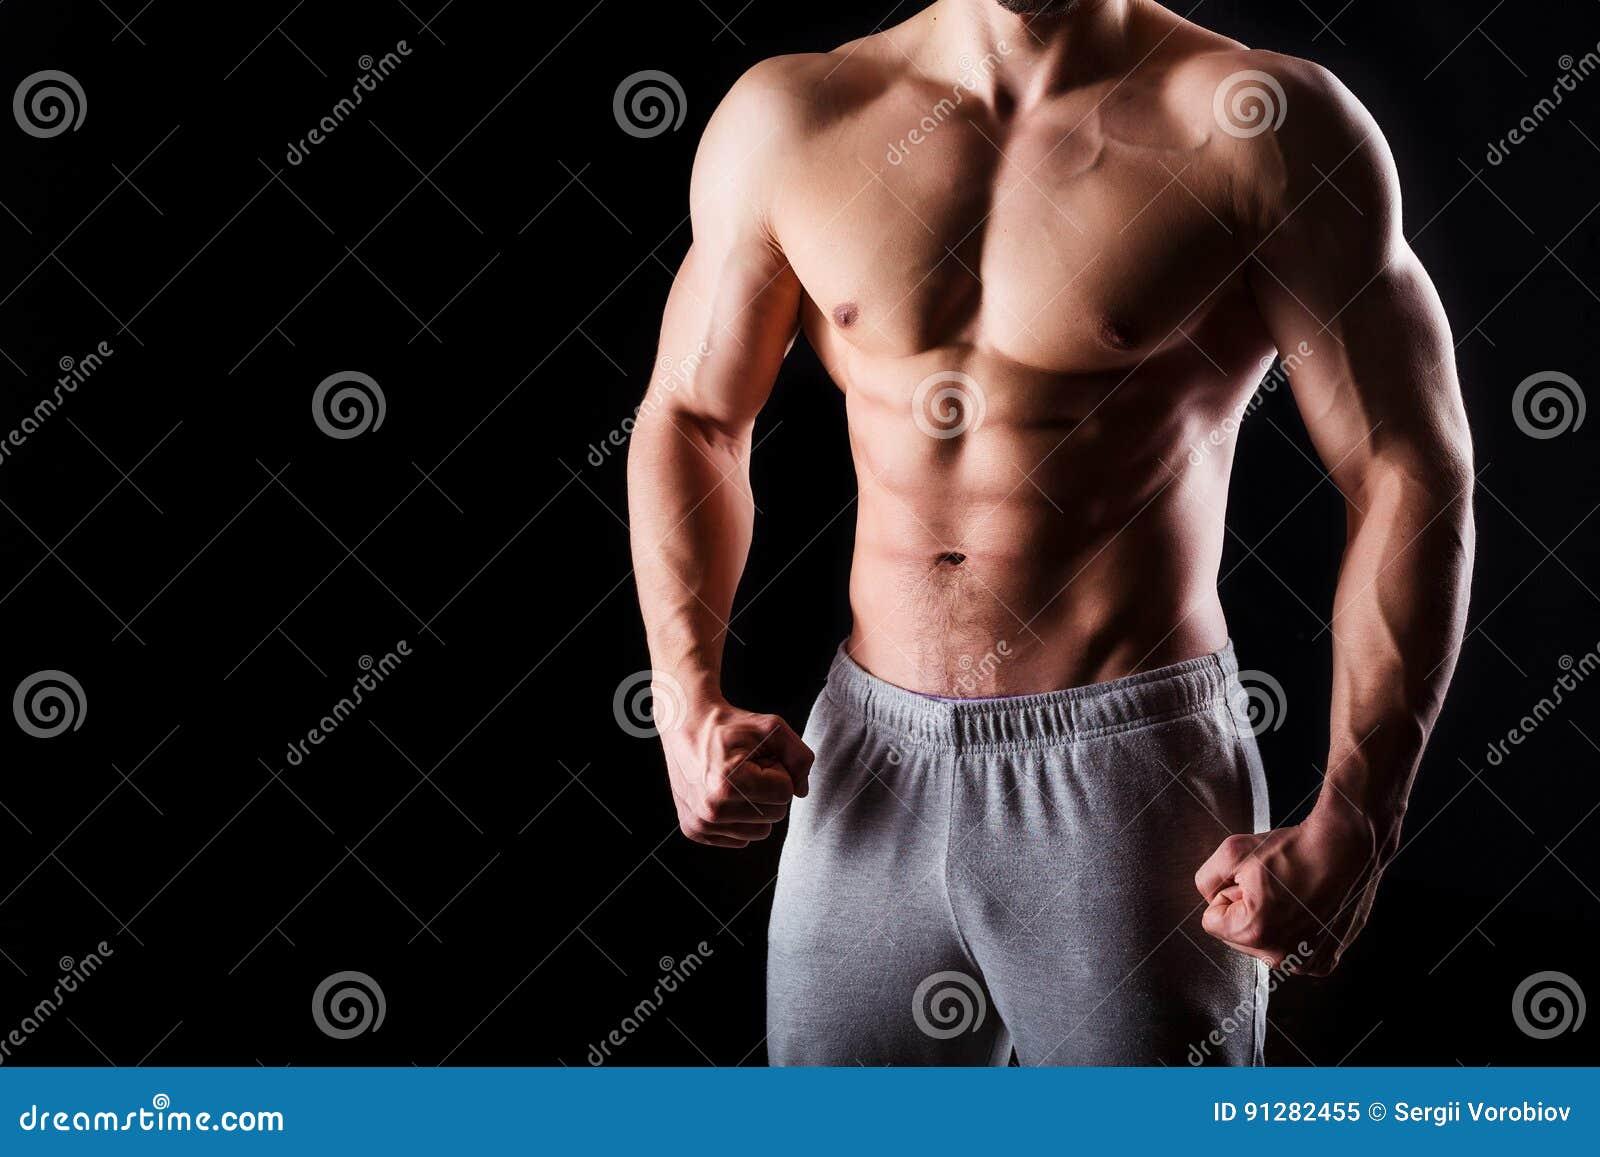 Avkoppling för pilates för bollbegreppskondition Muskulös och sexig torso av den unga mannen som har den perfekta manliga snygga